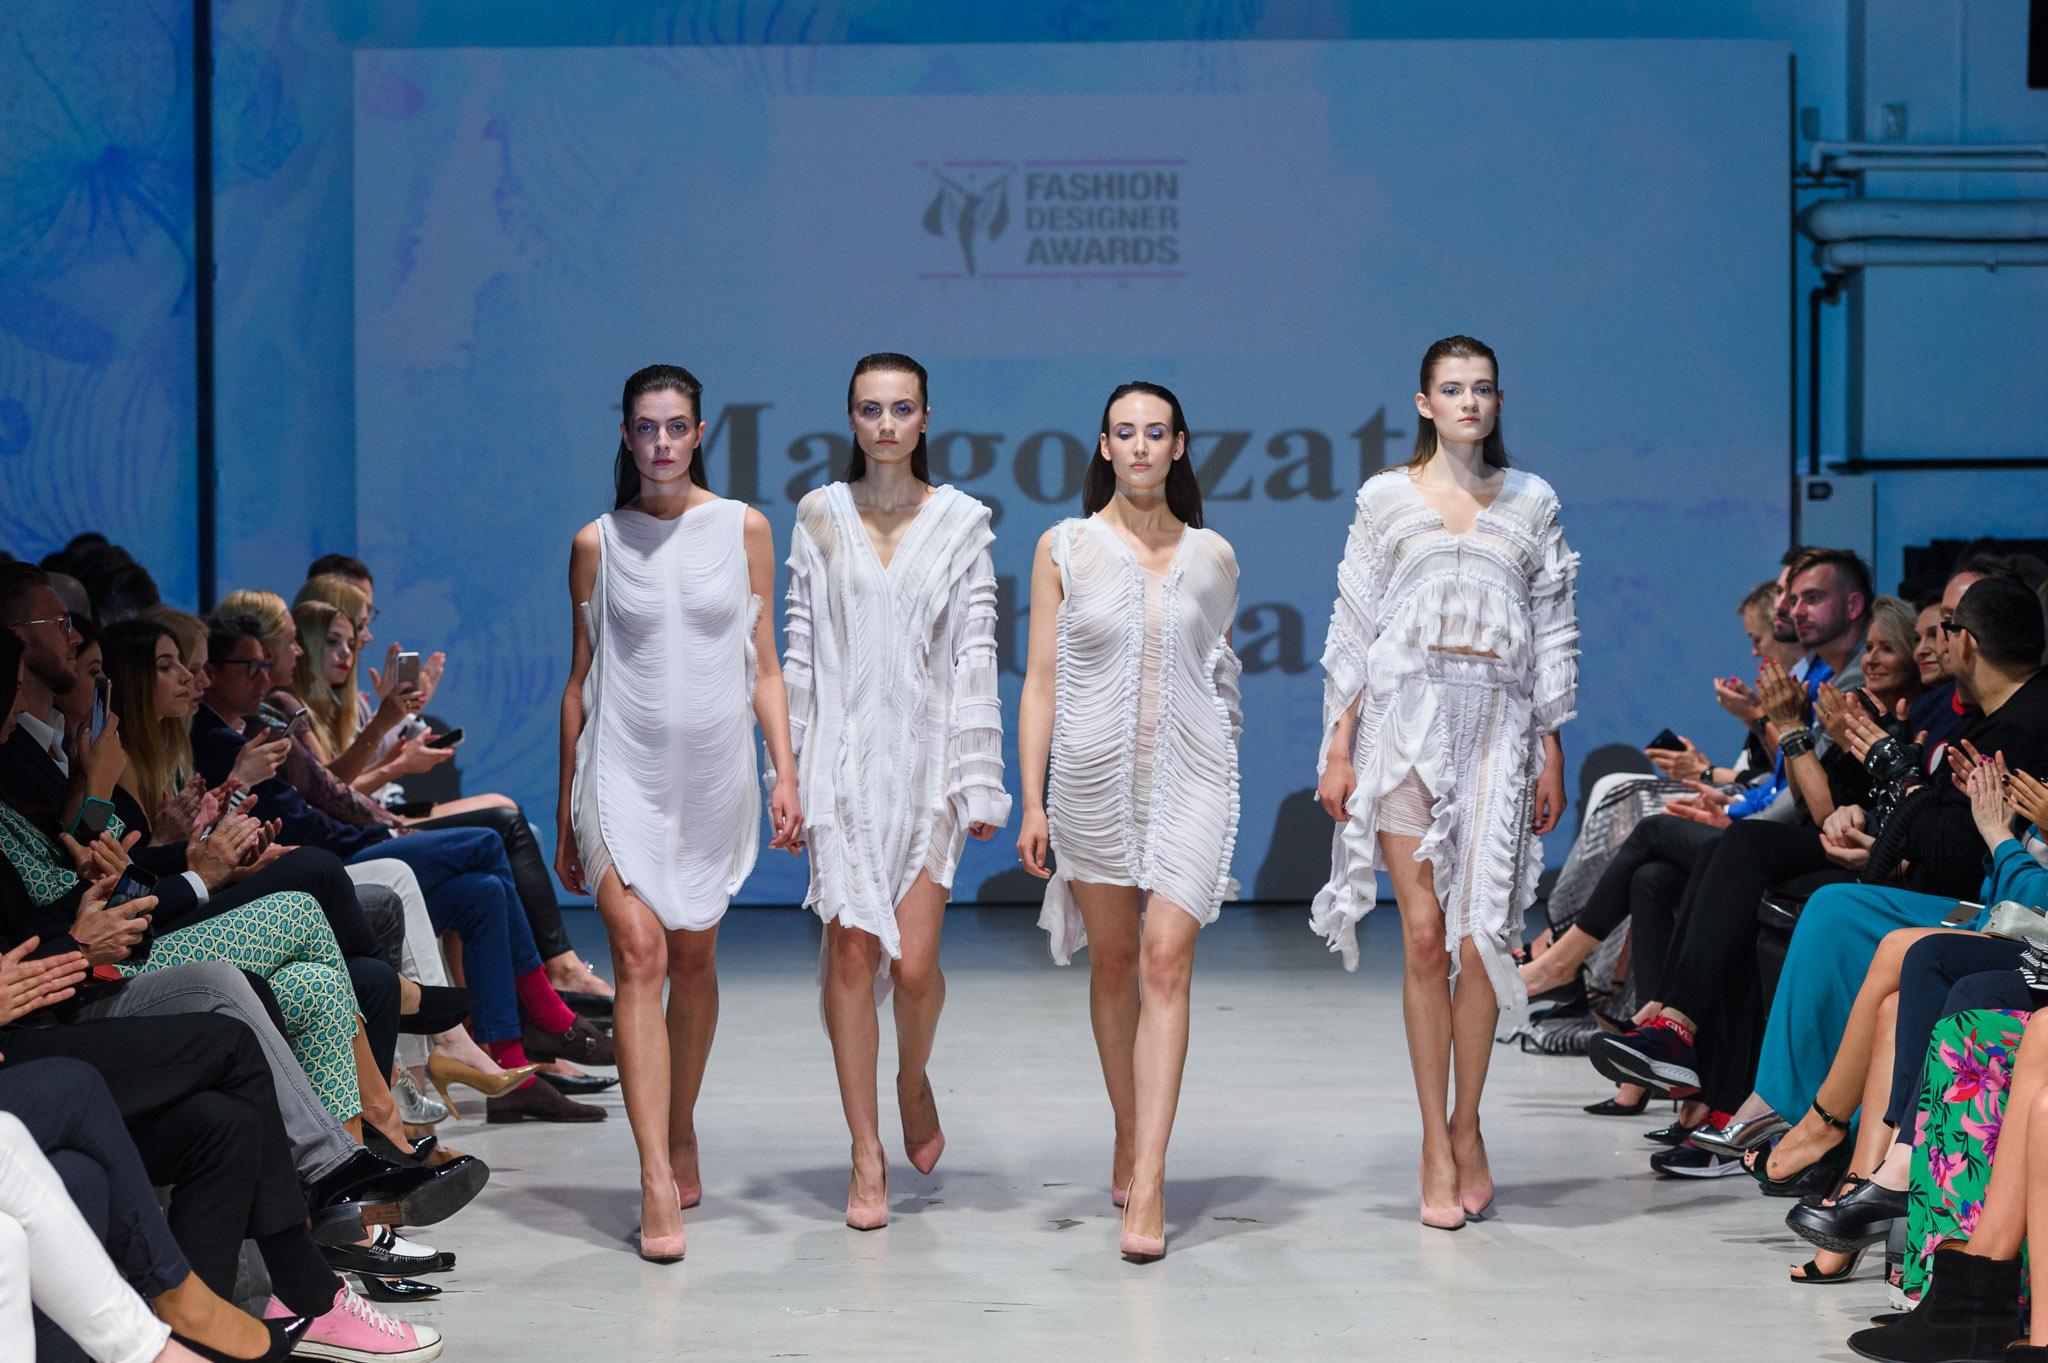 Małgorzata Sobota - III m-ce zeszłorocznej edycji Fashion Designer Awards